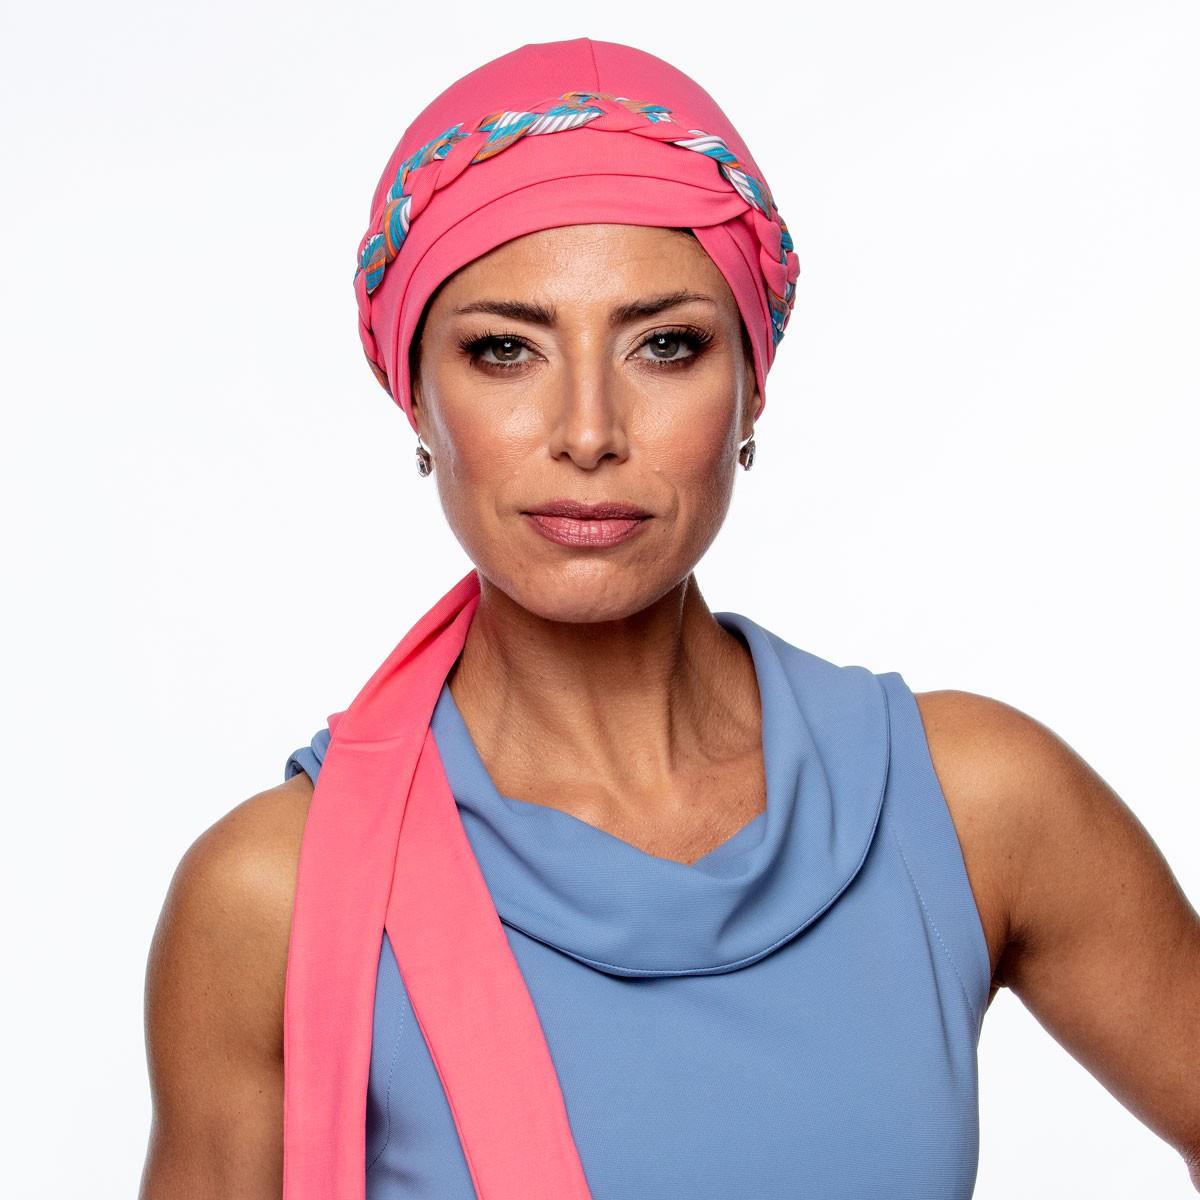 Turbante Feminino Trançado Giovanna Rosa Carmim com Estampas